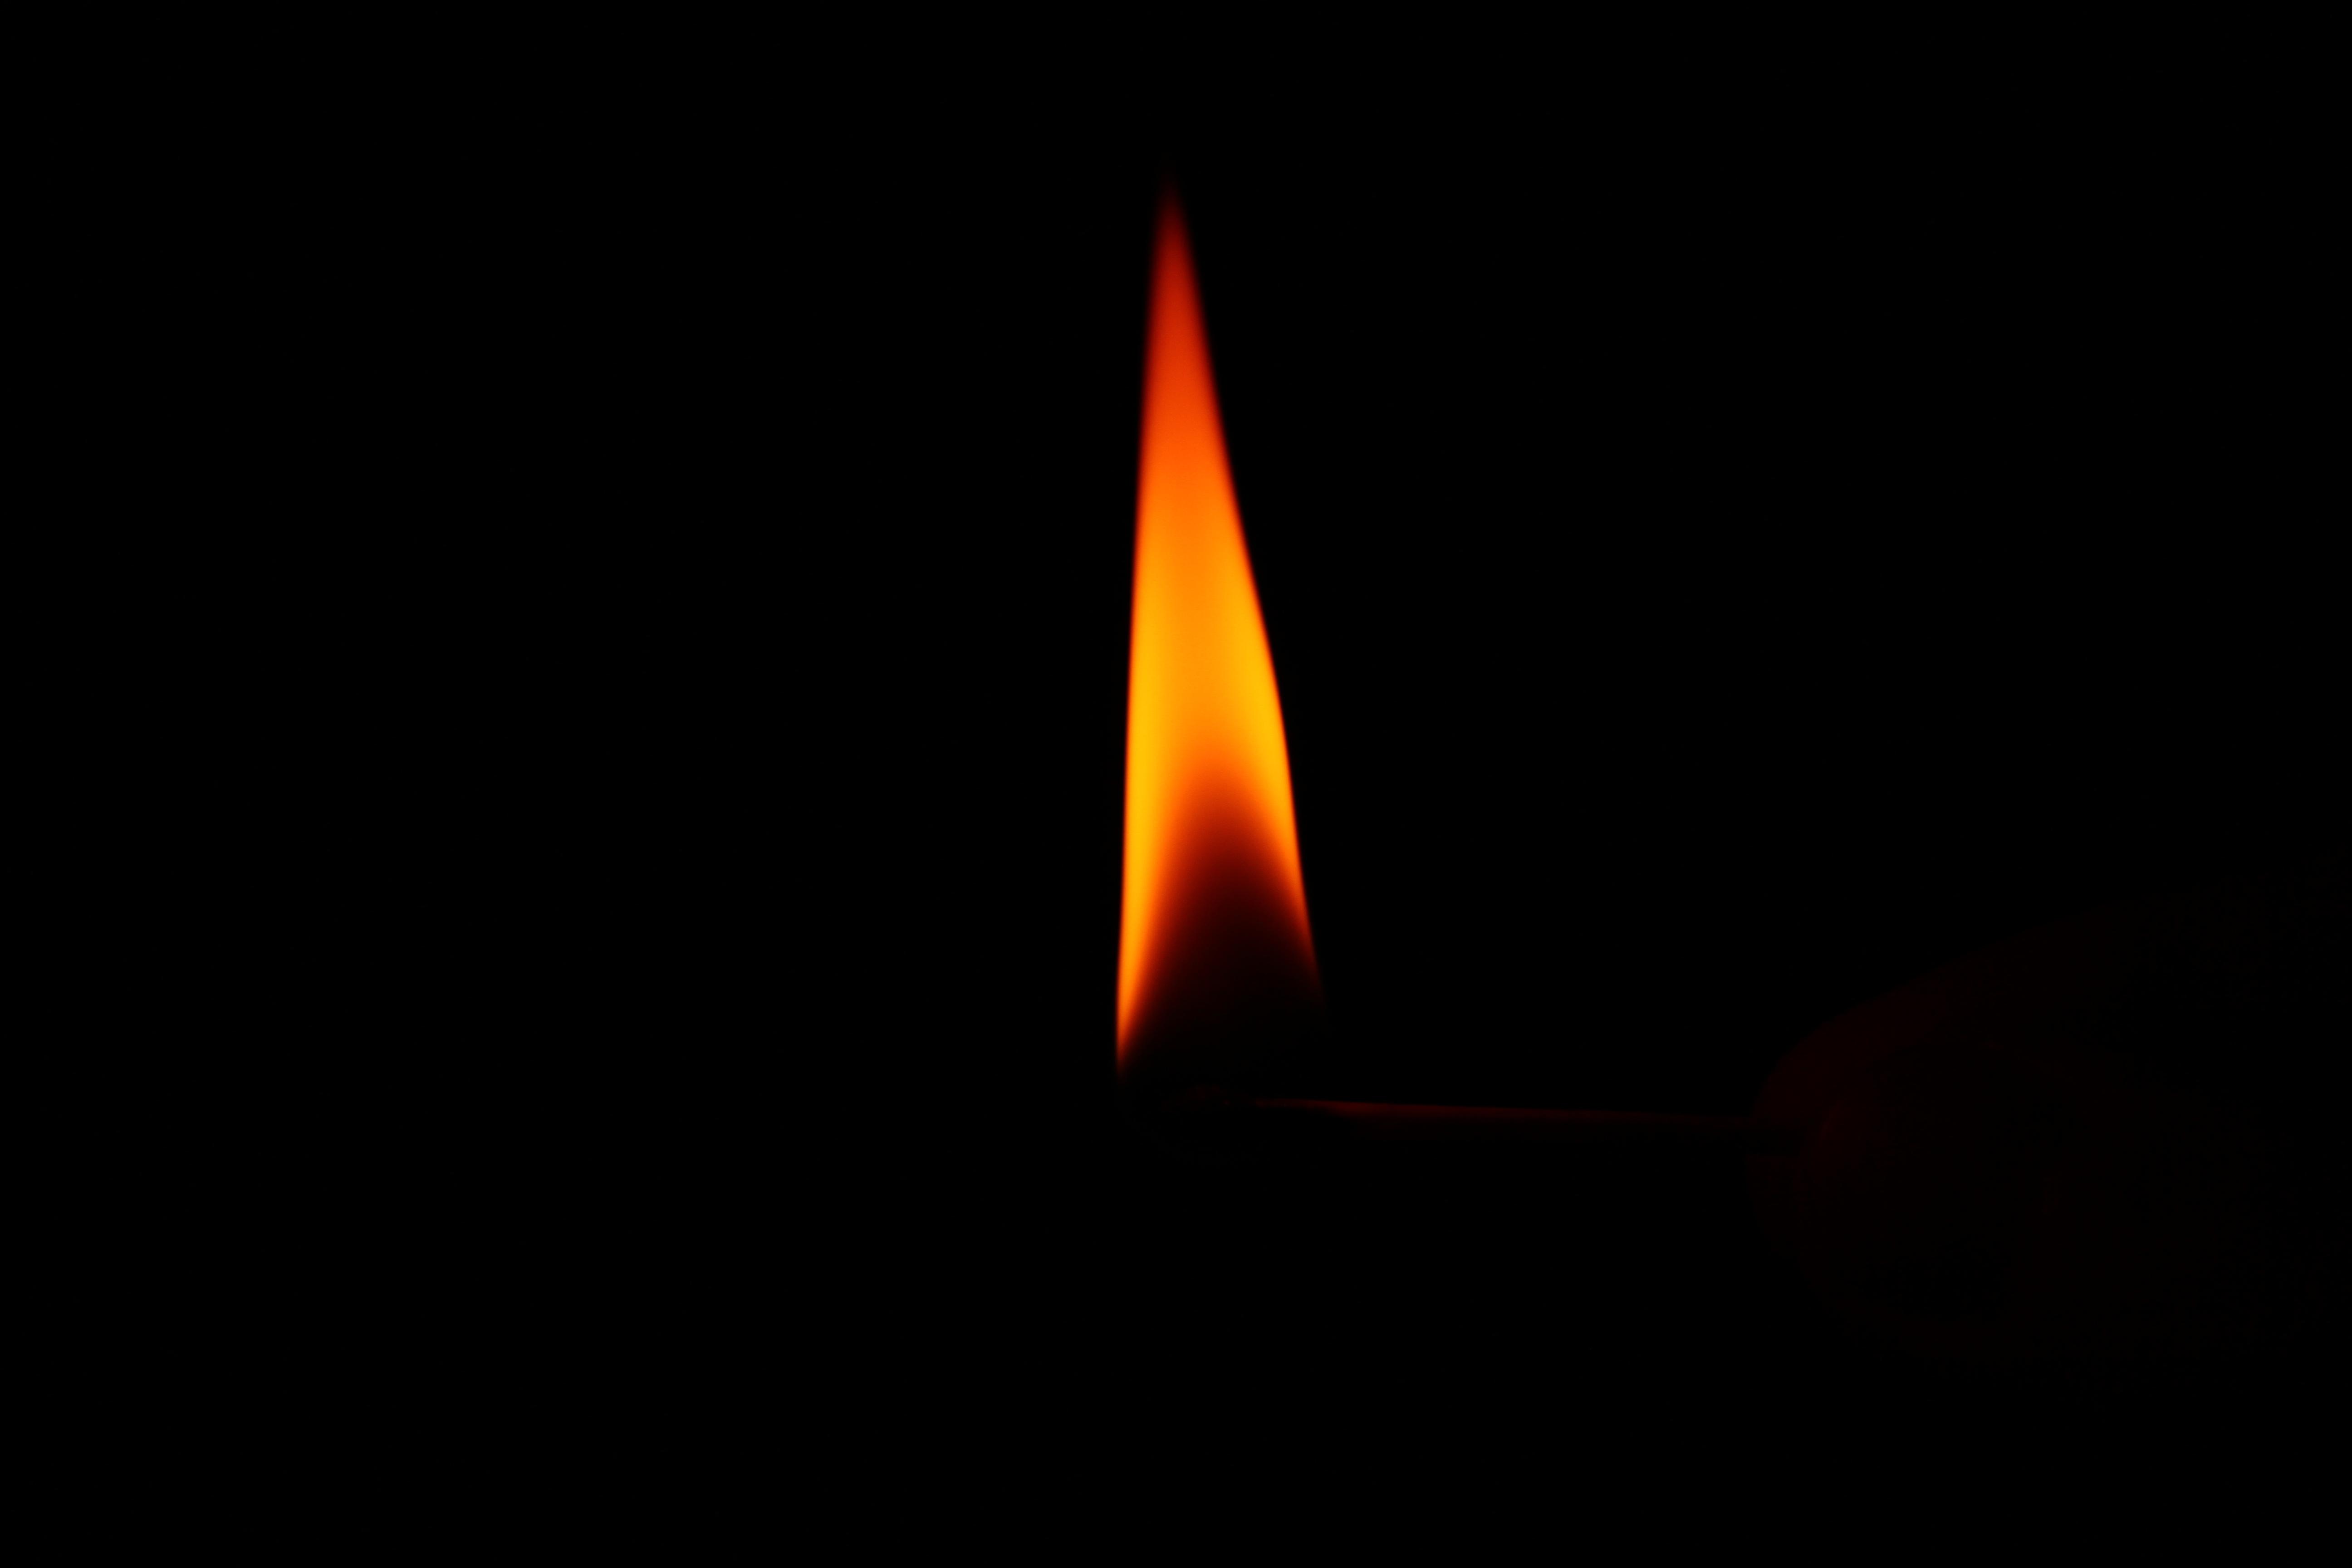 Pasión en llamas. Llama_consumiendo_una_cerilla